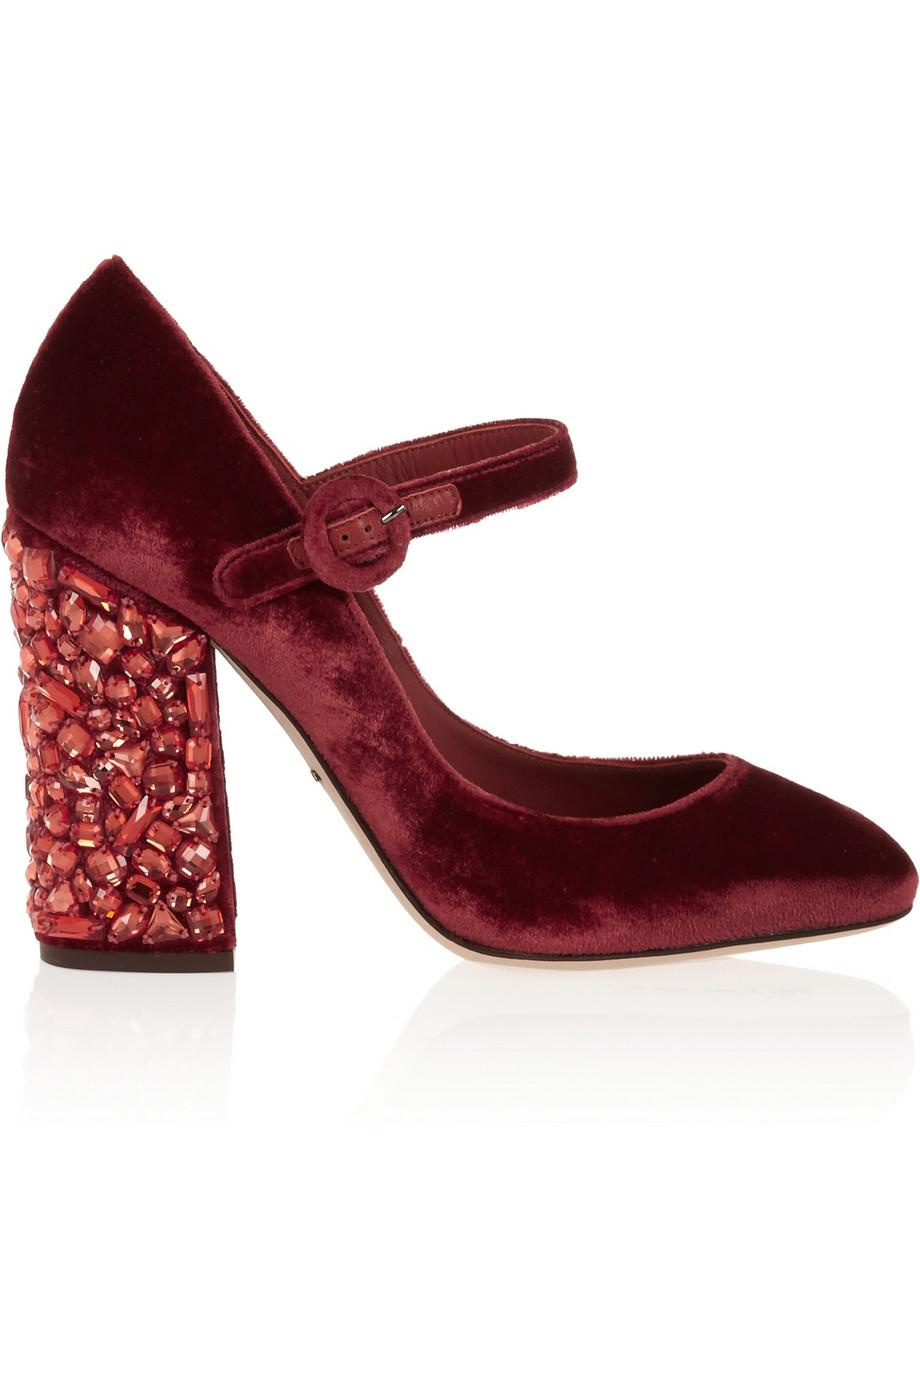 d4f257897737 Dolce   gabbana Vally Crystal-Embellished Velvet Pumps in Red